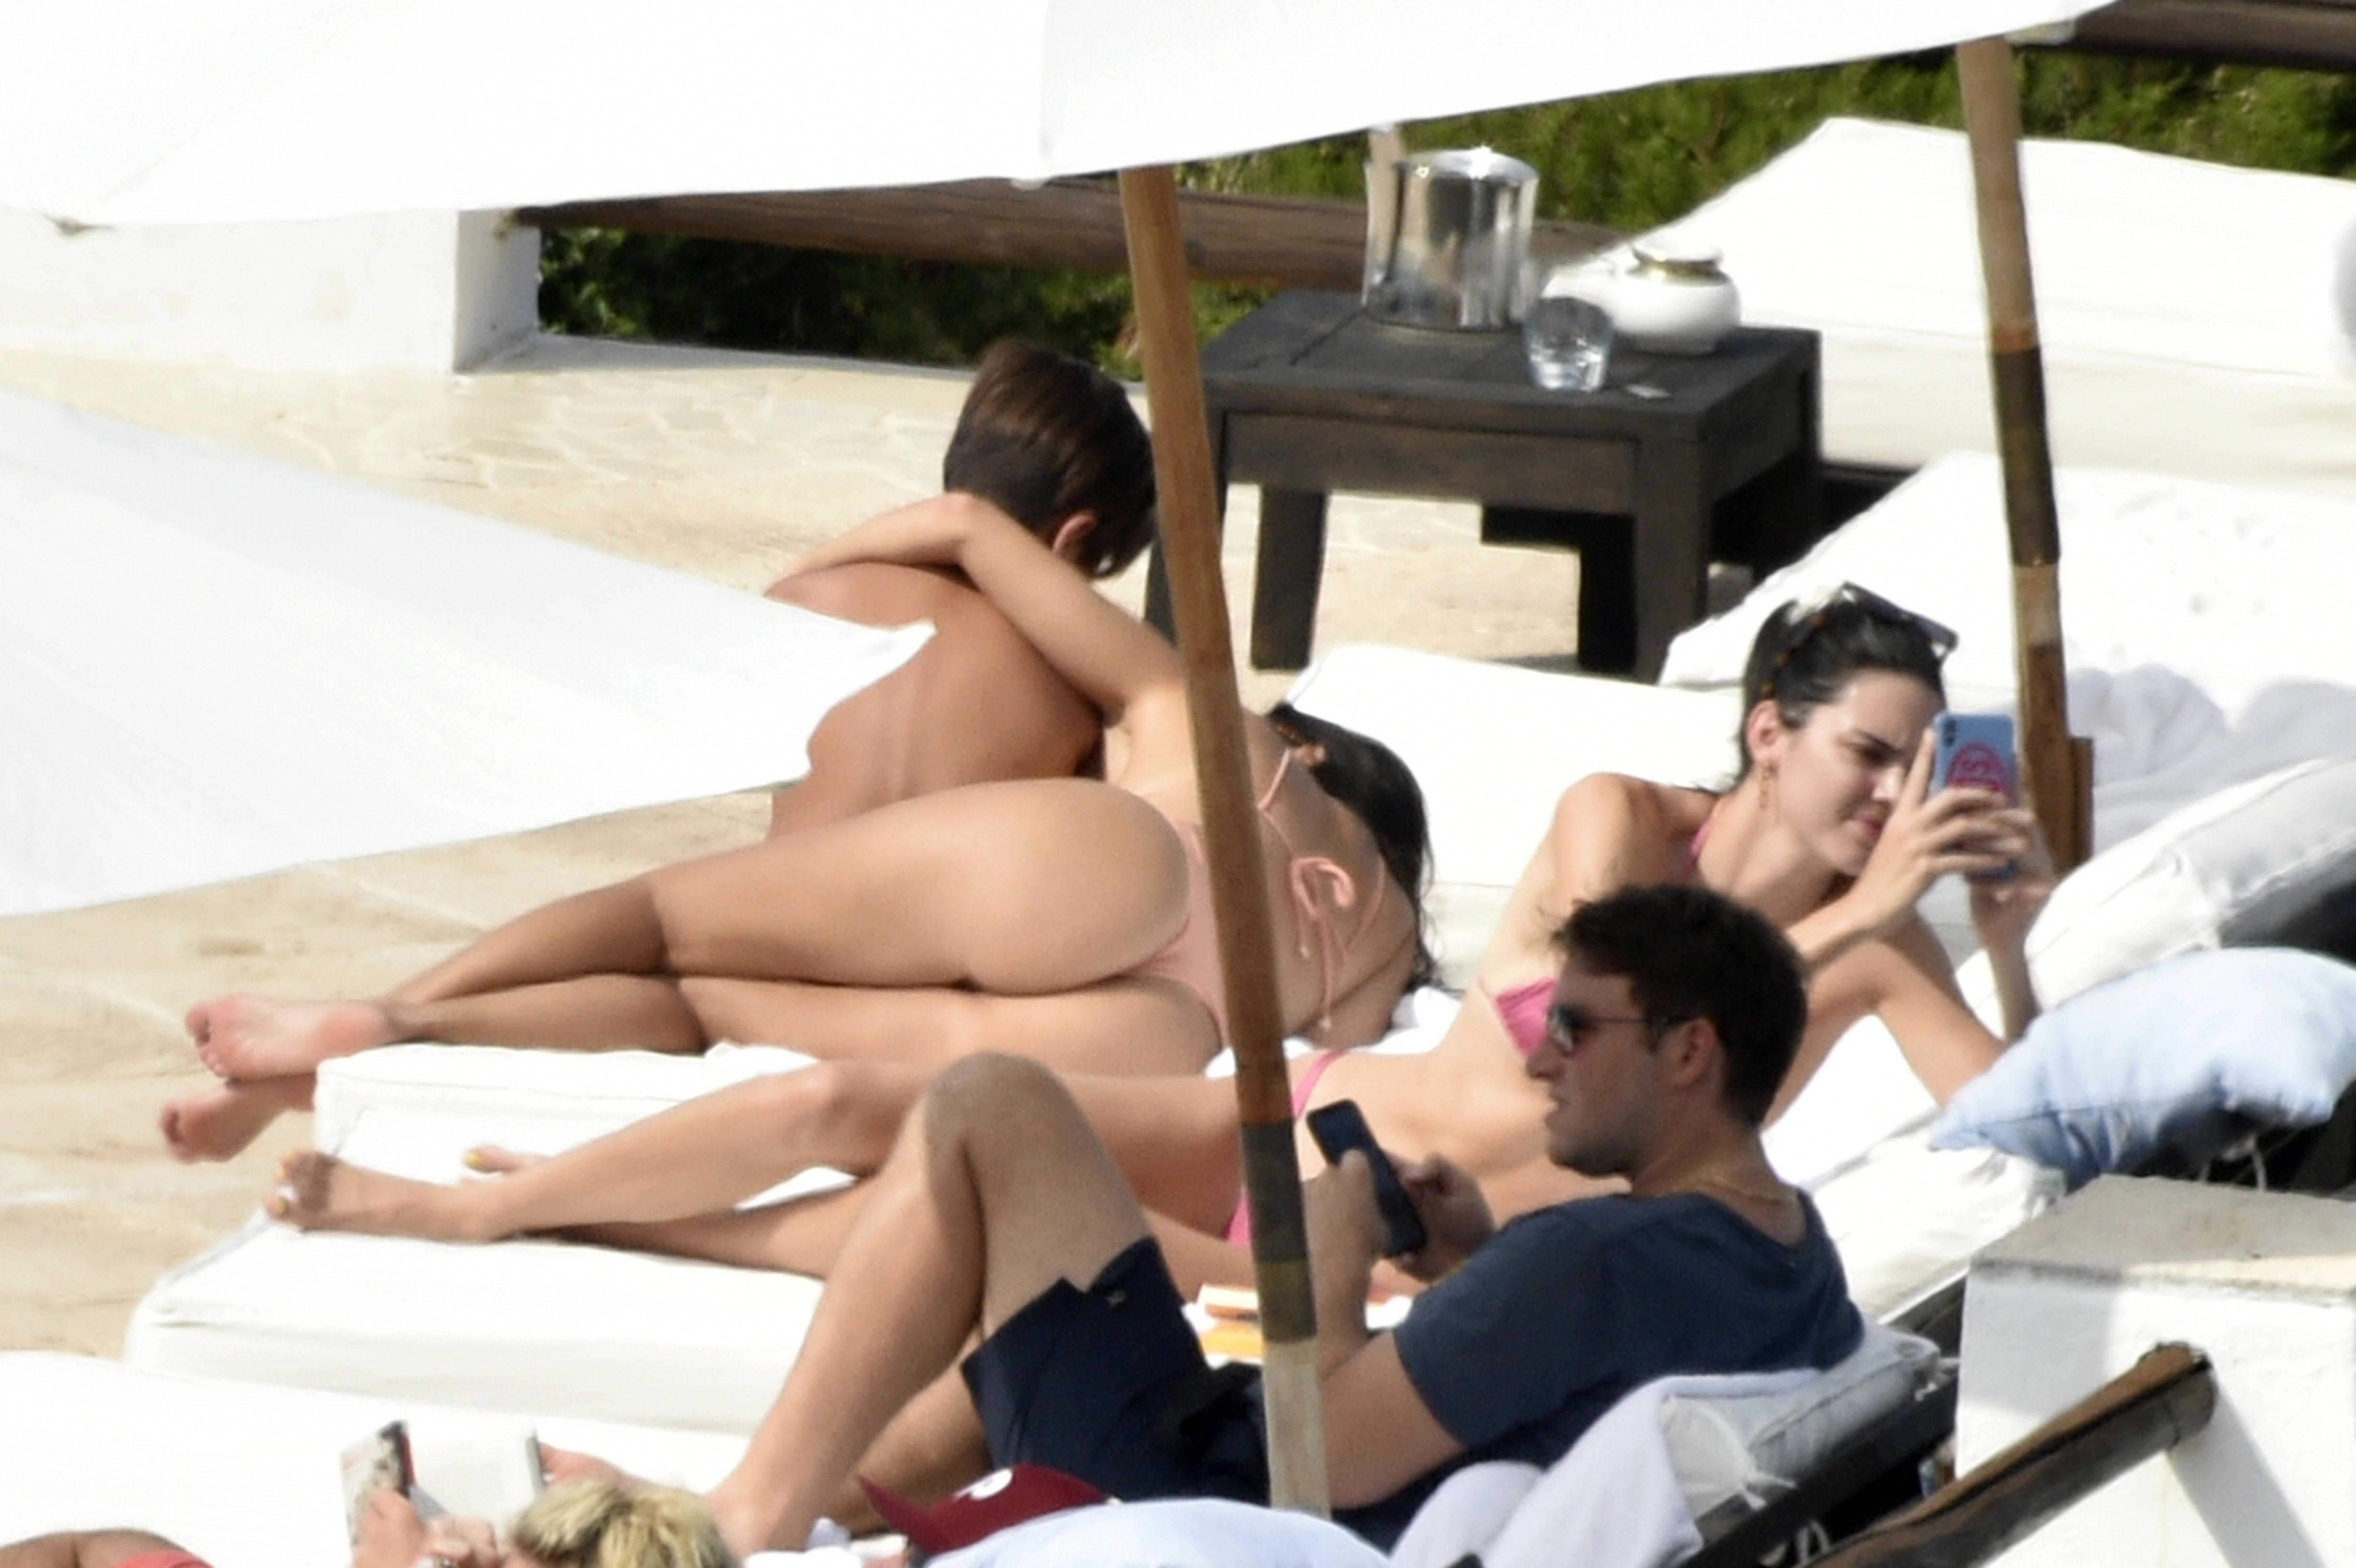 The Grosby Group/ Kourtney Kardashian